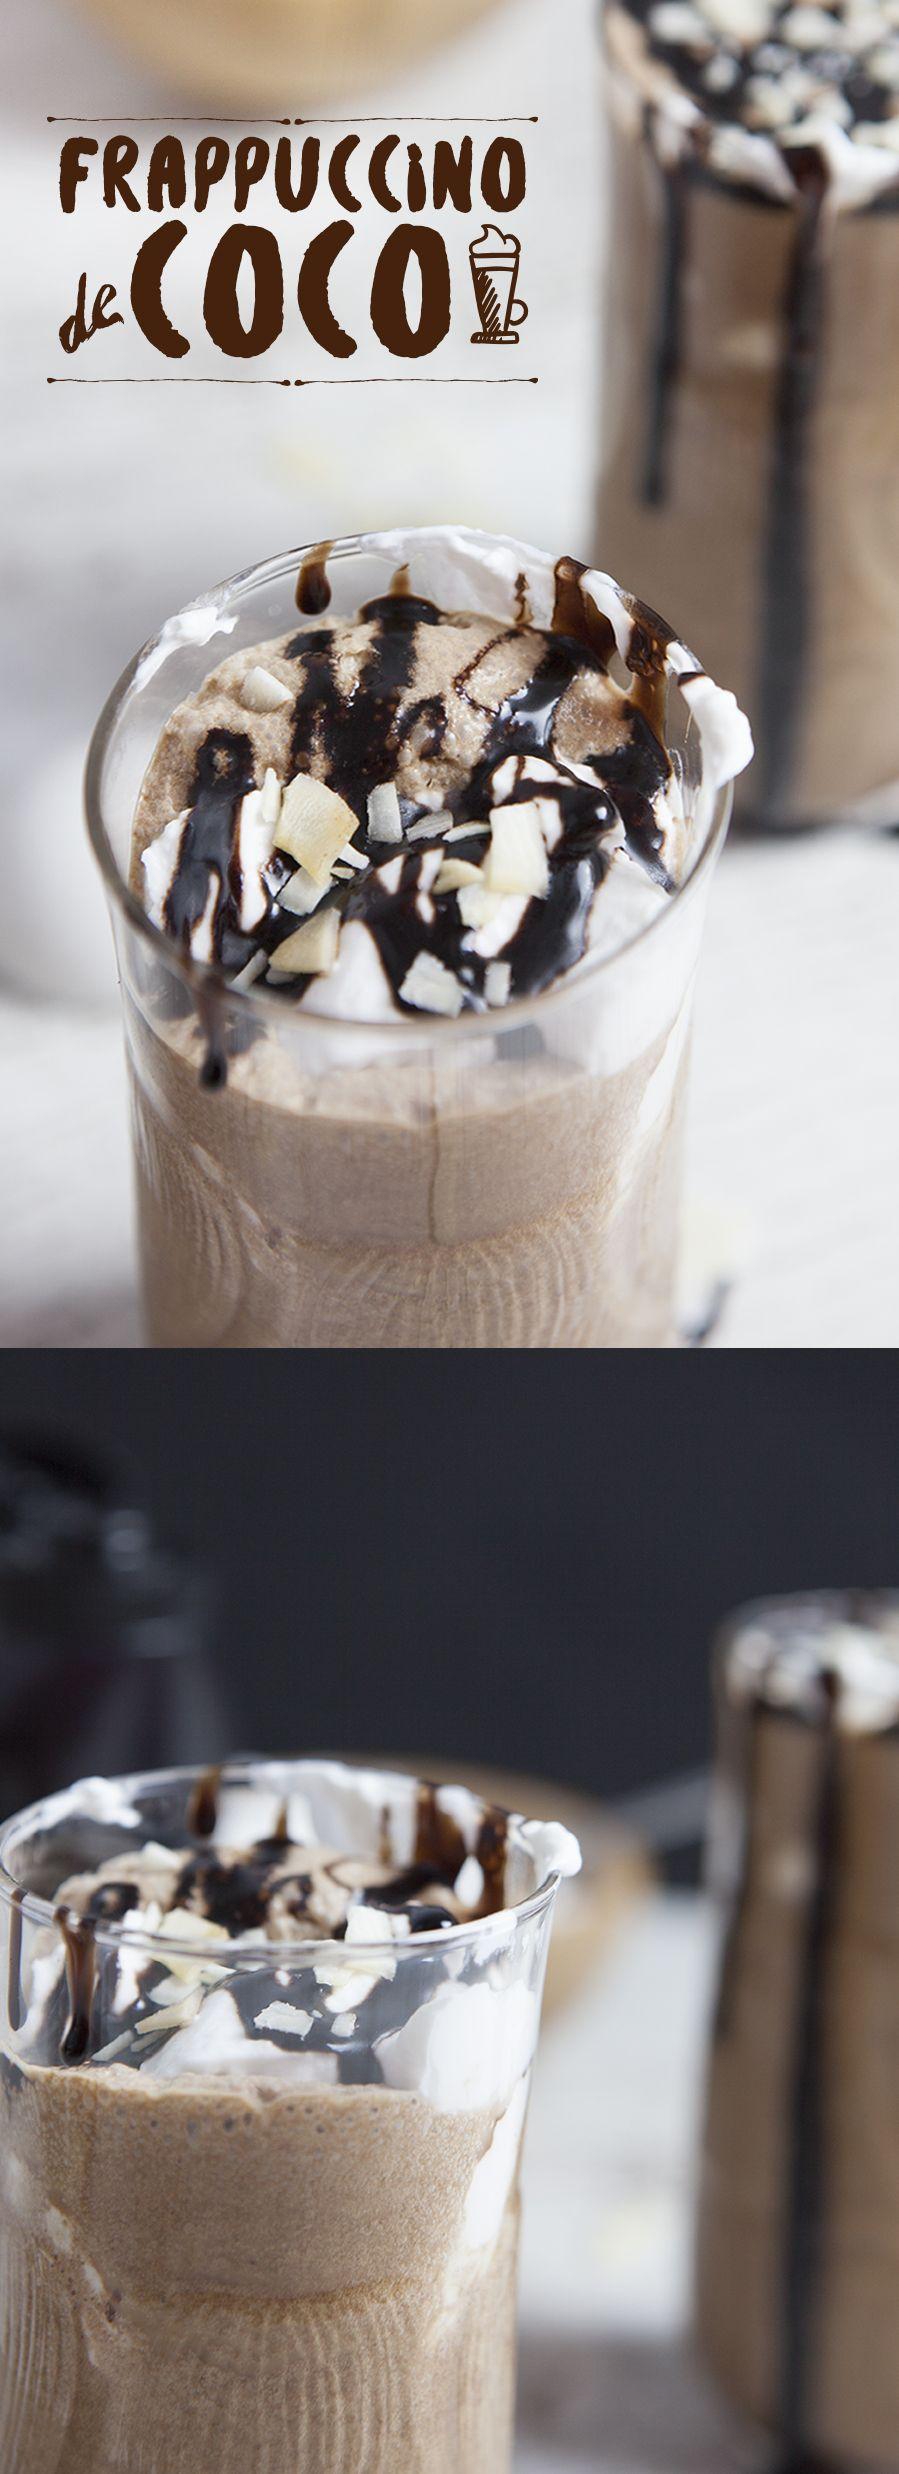 Receta Frappuccino De Coco Chili Coco Recetas Receta Receta Frappuccino Frappuccino Cafe Frío Receta